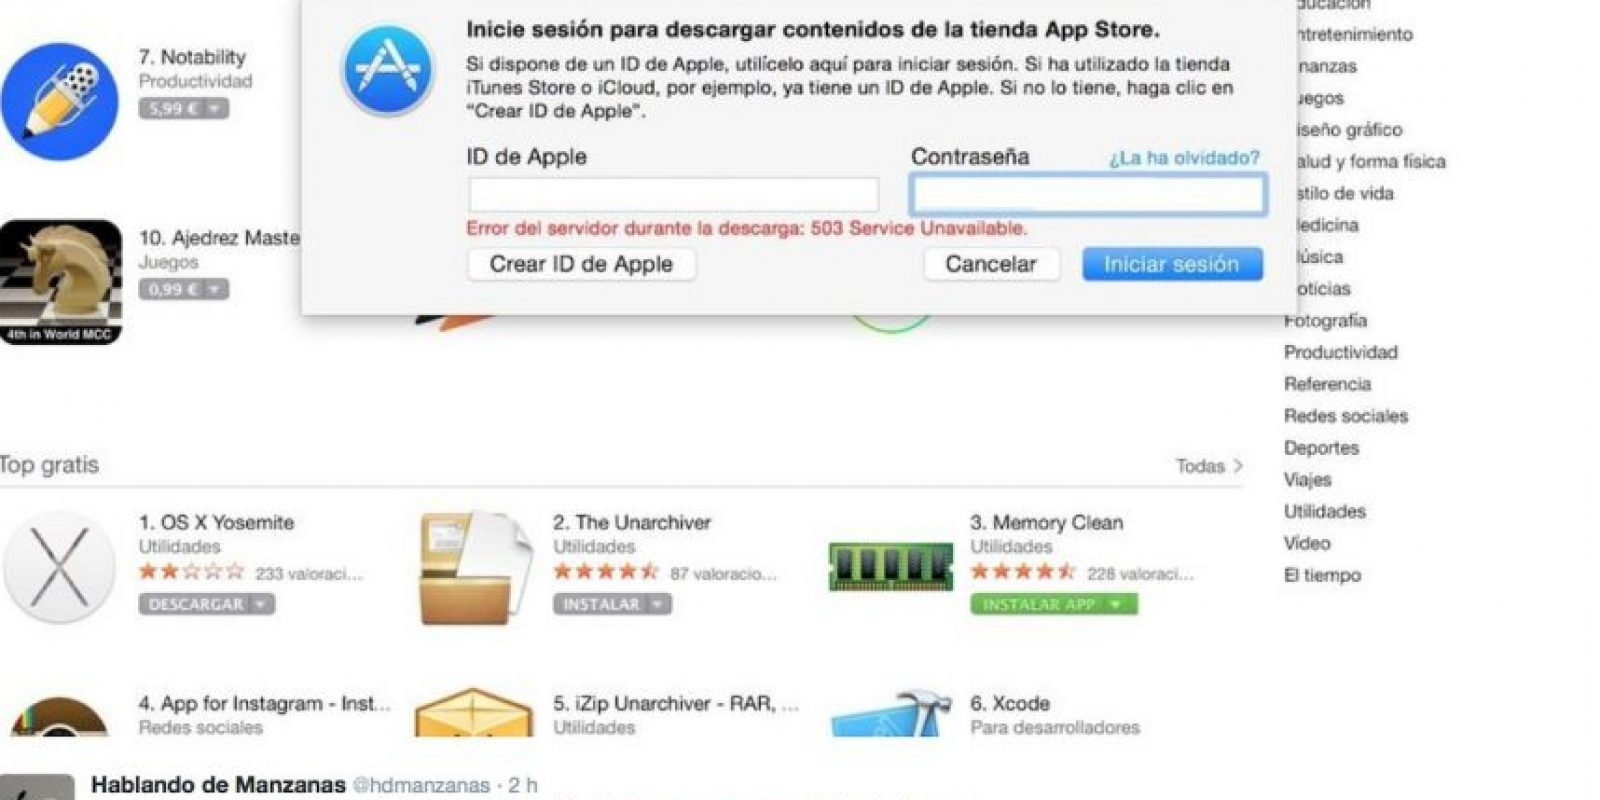 En redes sociales señalan que no pueden loguearse con su cuenta de correo electrónico. Foto:Apple